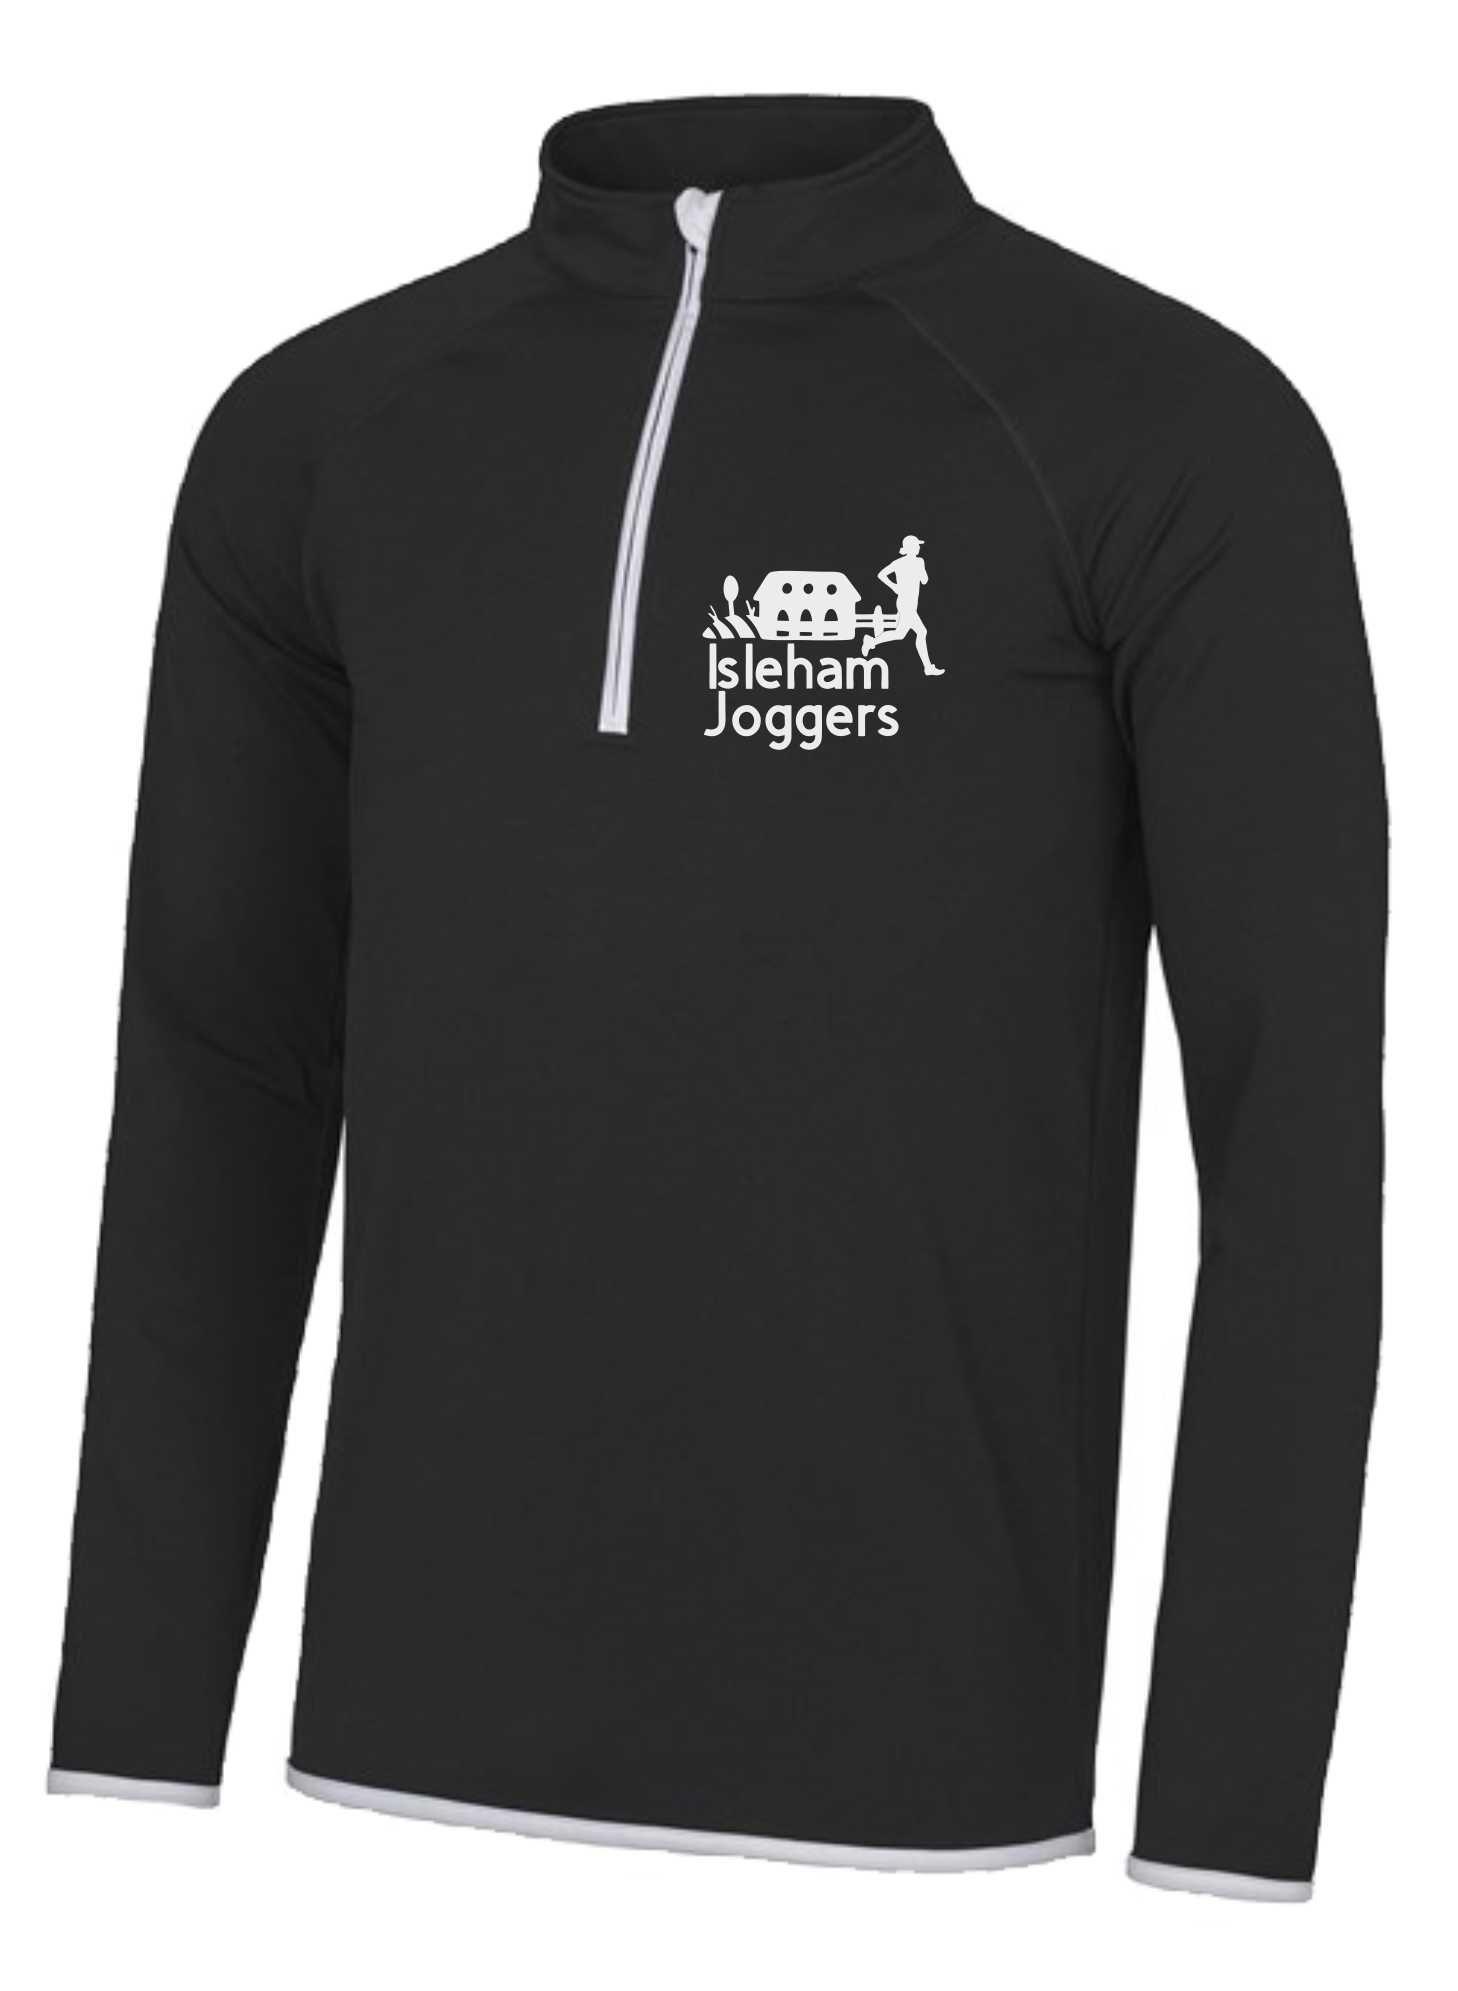 Isleham Joggers- Men's 1/2 Zip